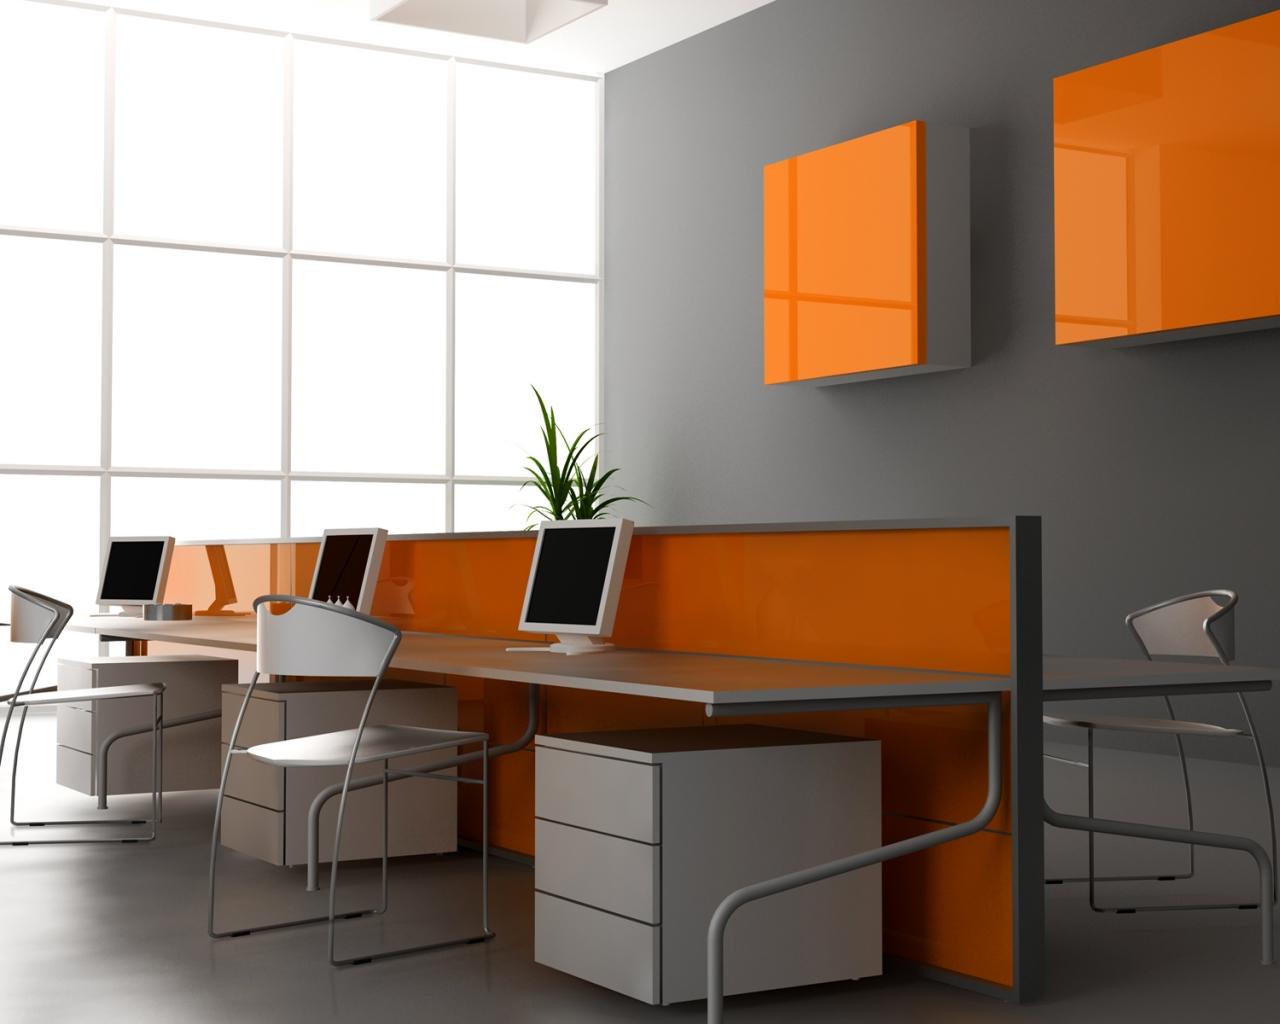 Dise o 3d de una oficina hd 1280x1024 imagenes wallpapers gratis variados dise os e for Programa de diseno de oficinas gratis